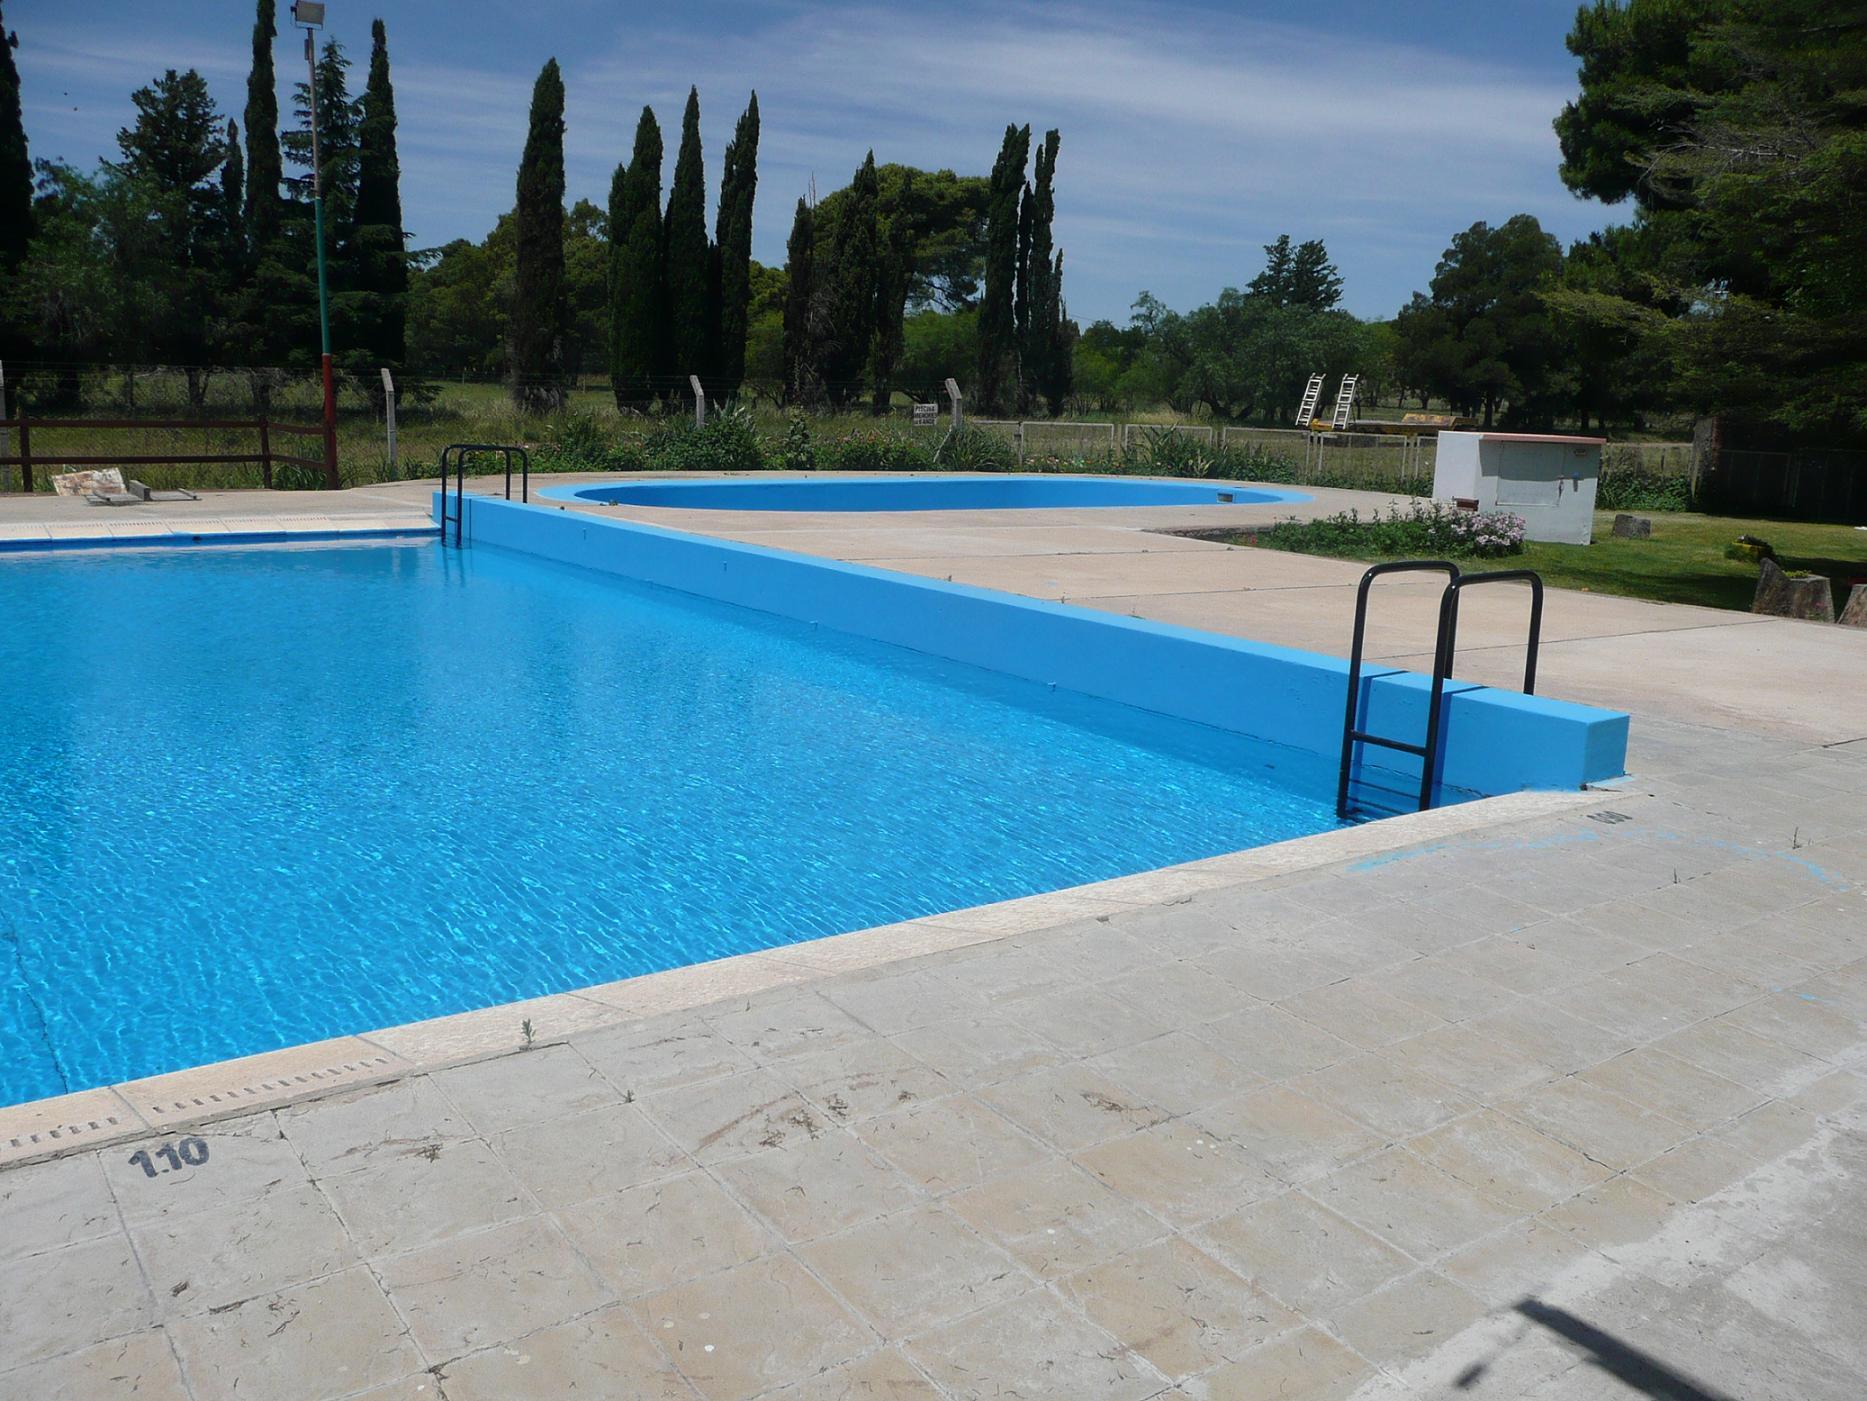 Tornquist arrancan el lunes pr ximo las clases for Clases de piscina para ninos